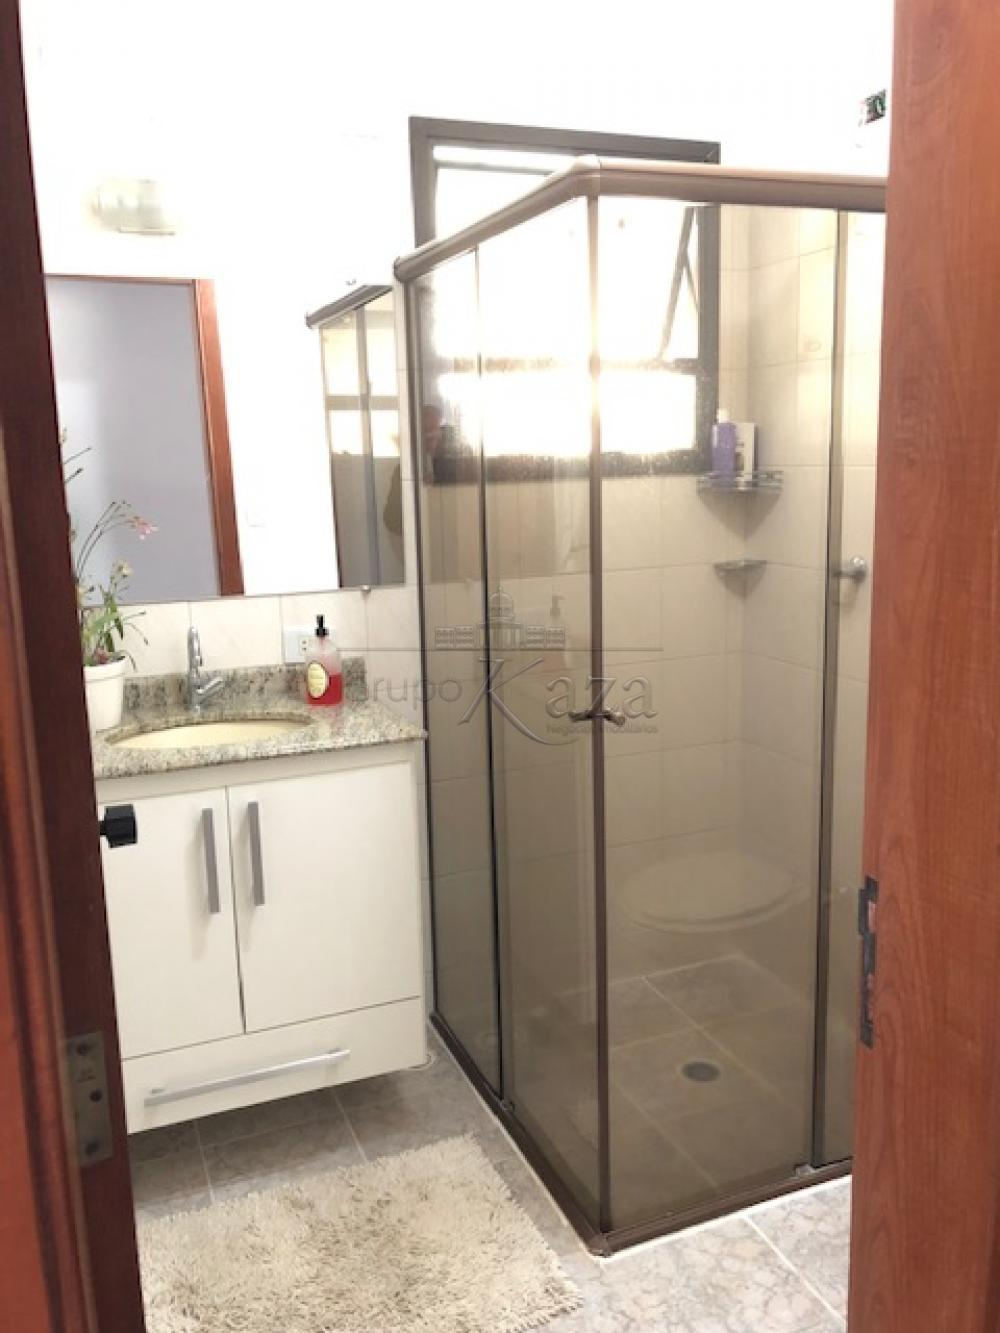 Comprar Apartamento / Padrão em São José dos Campos apenas R$ 435.000,00 - Foto 58